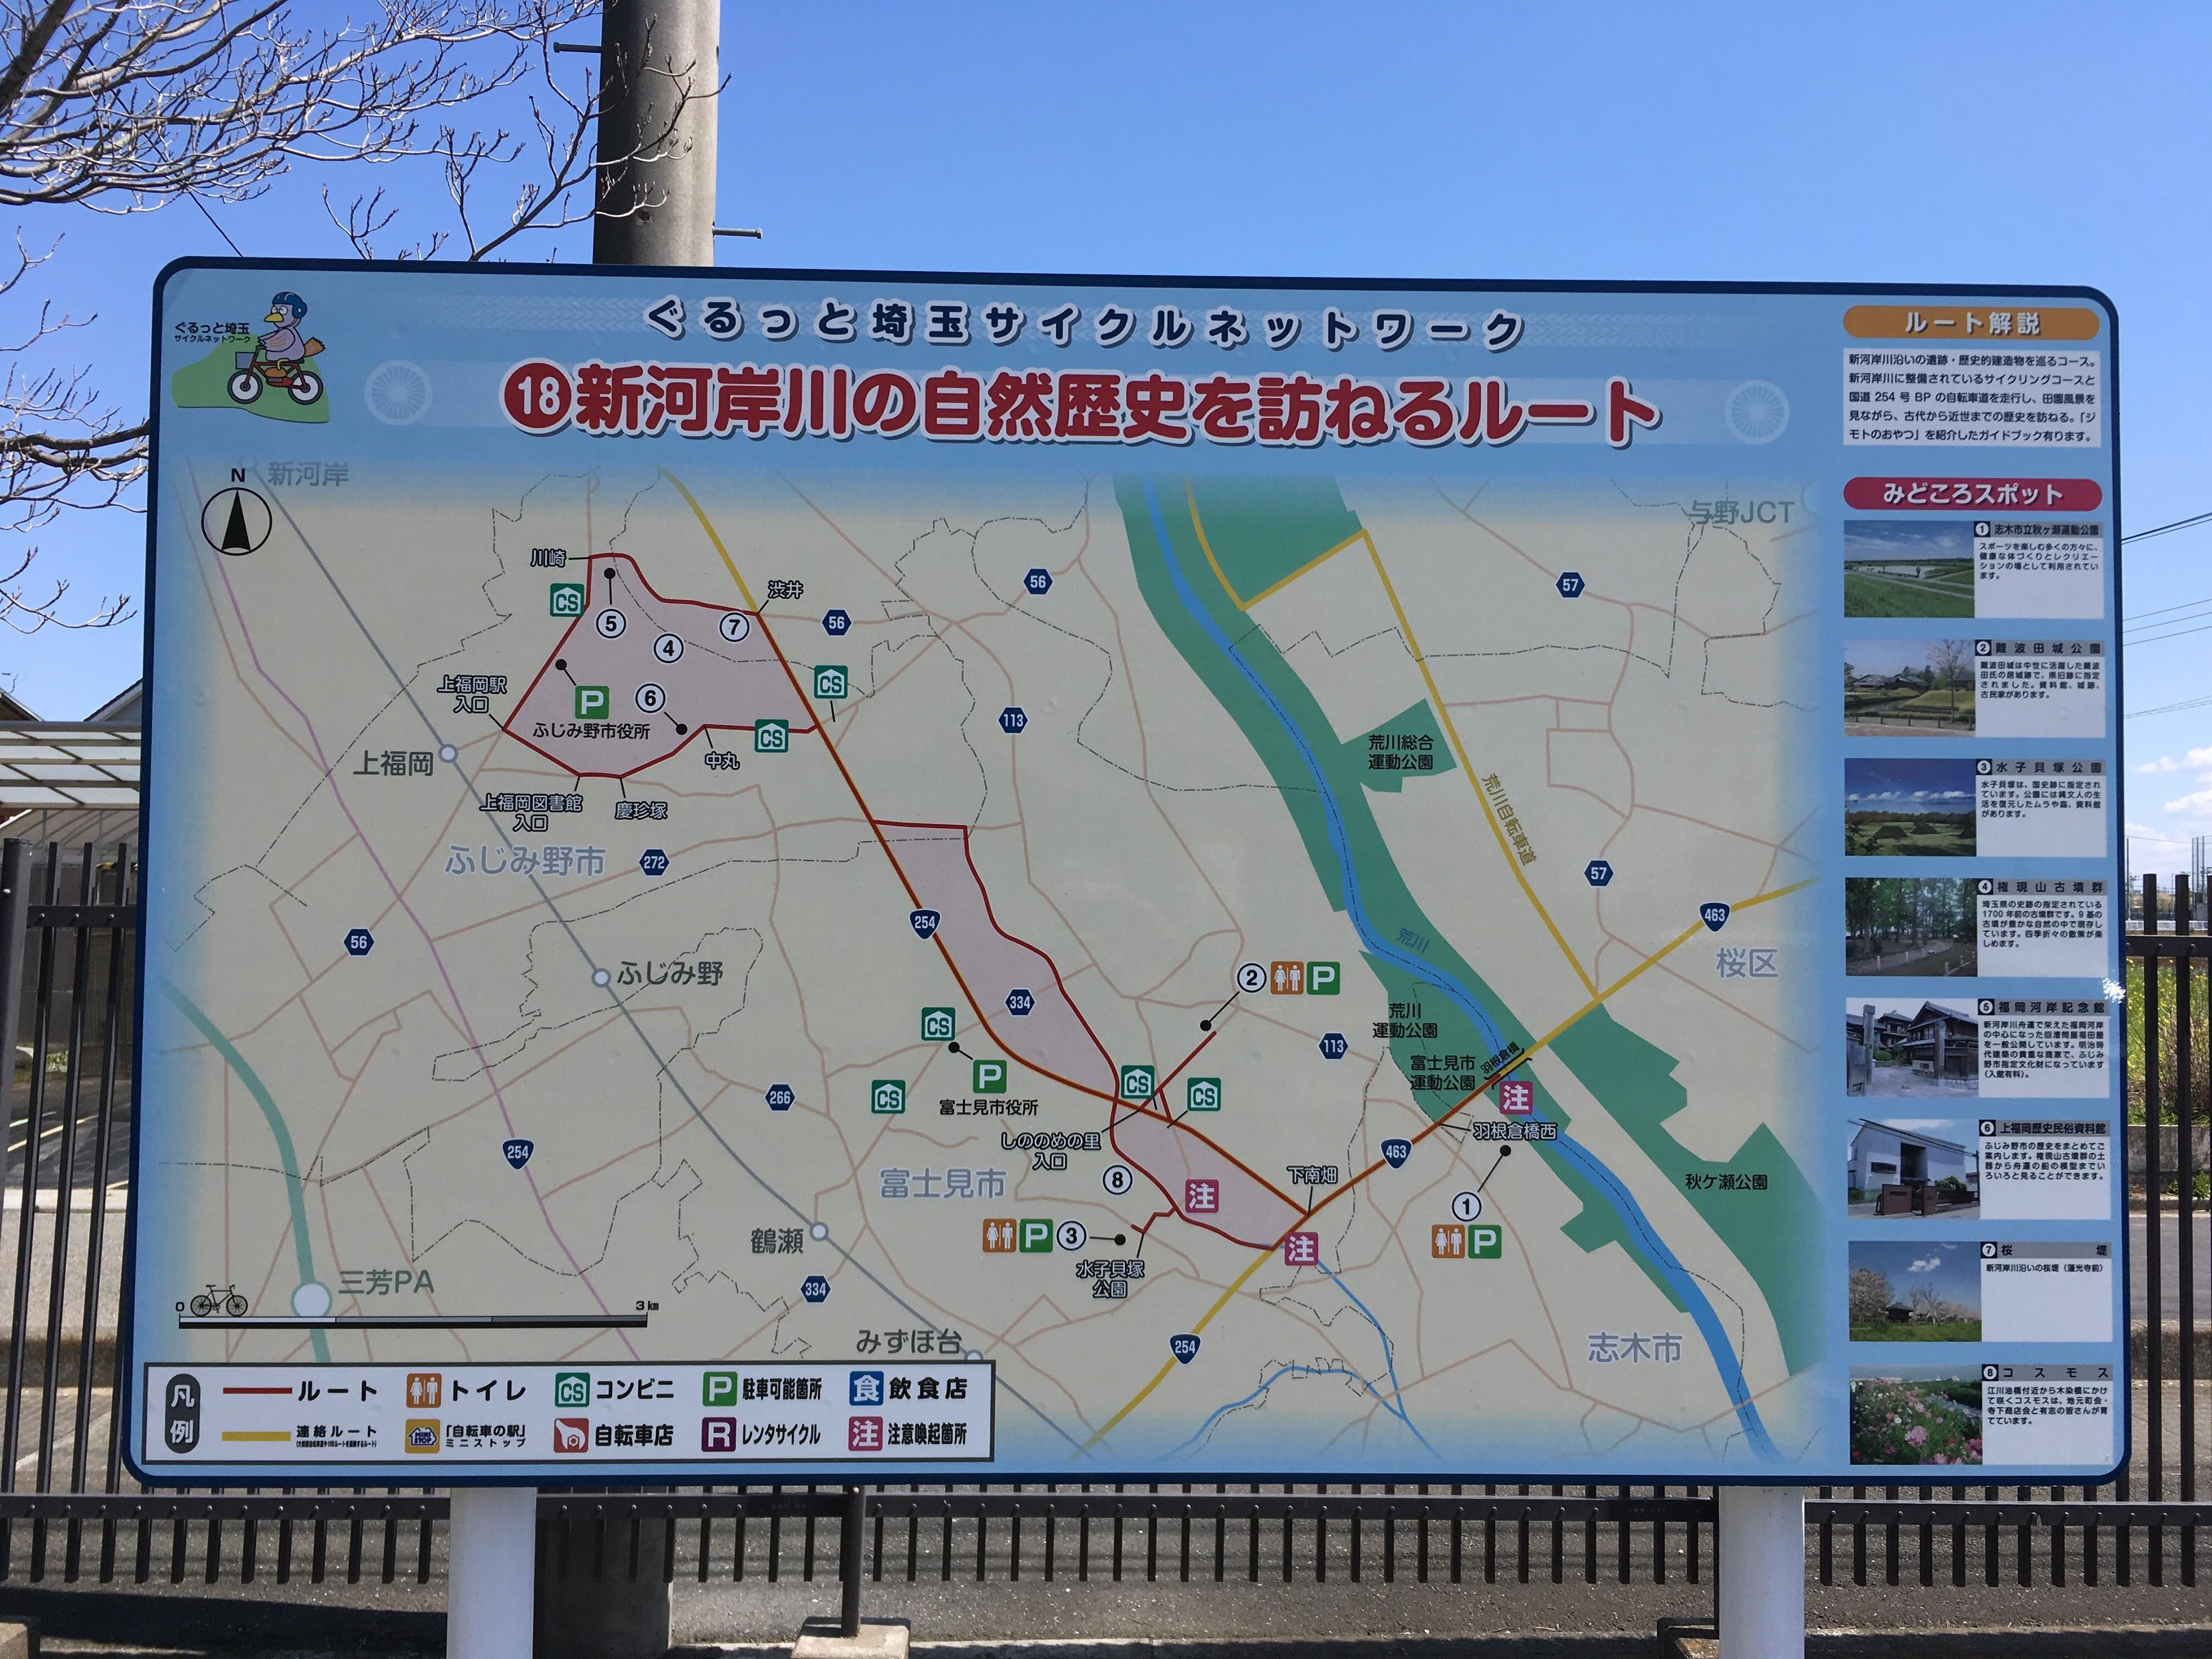 ⑱新河岸川の自然と歴史を訪ねるルート